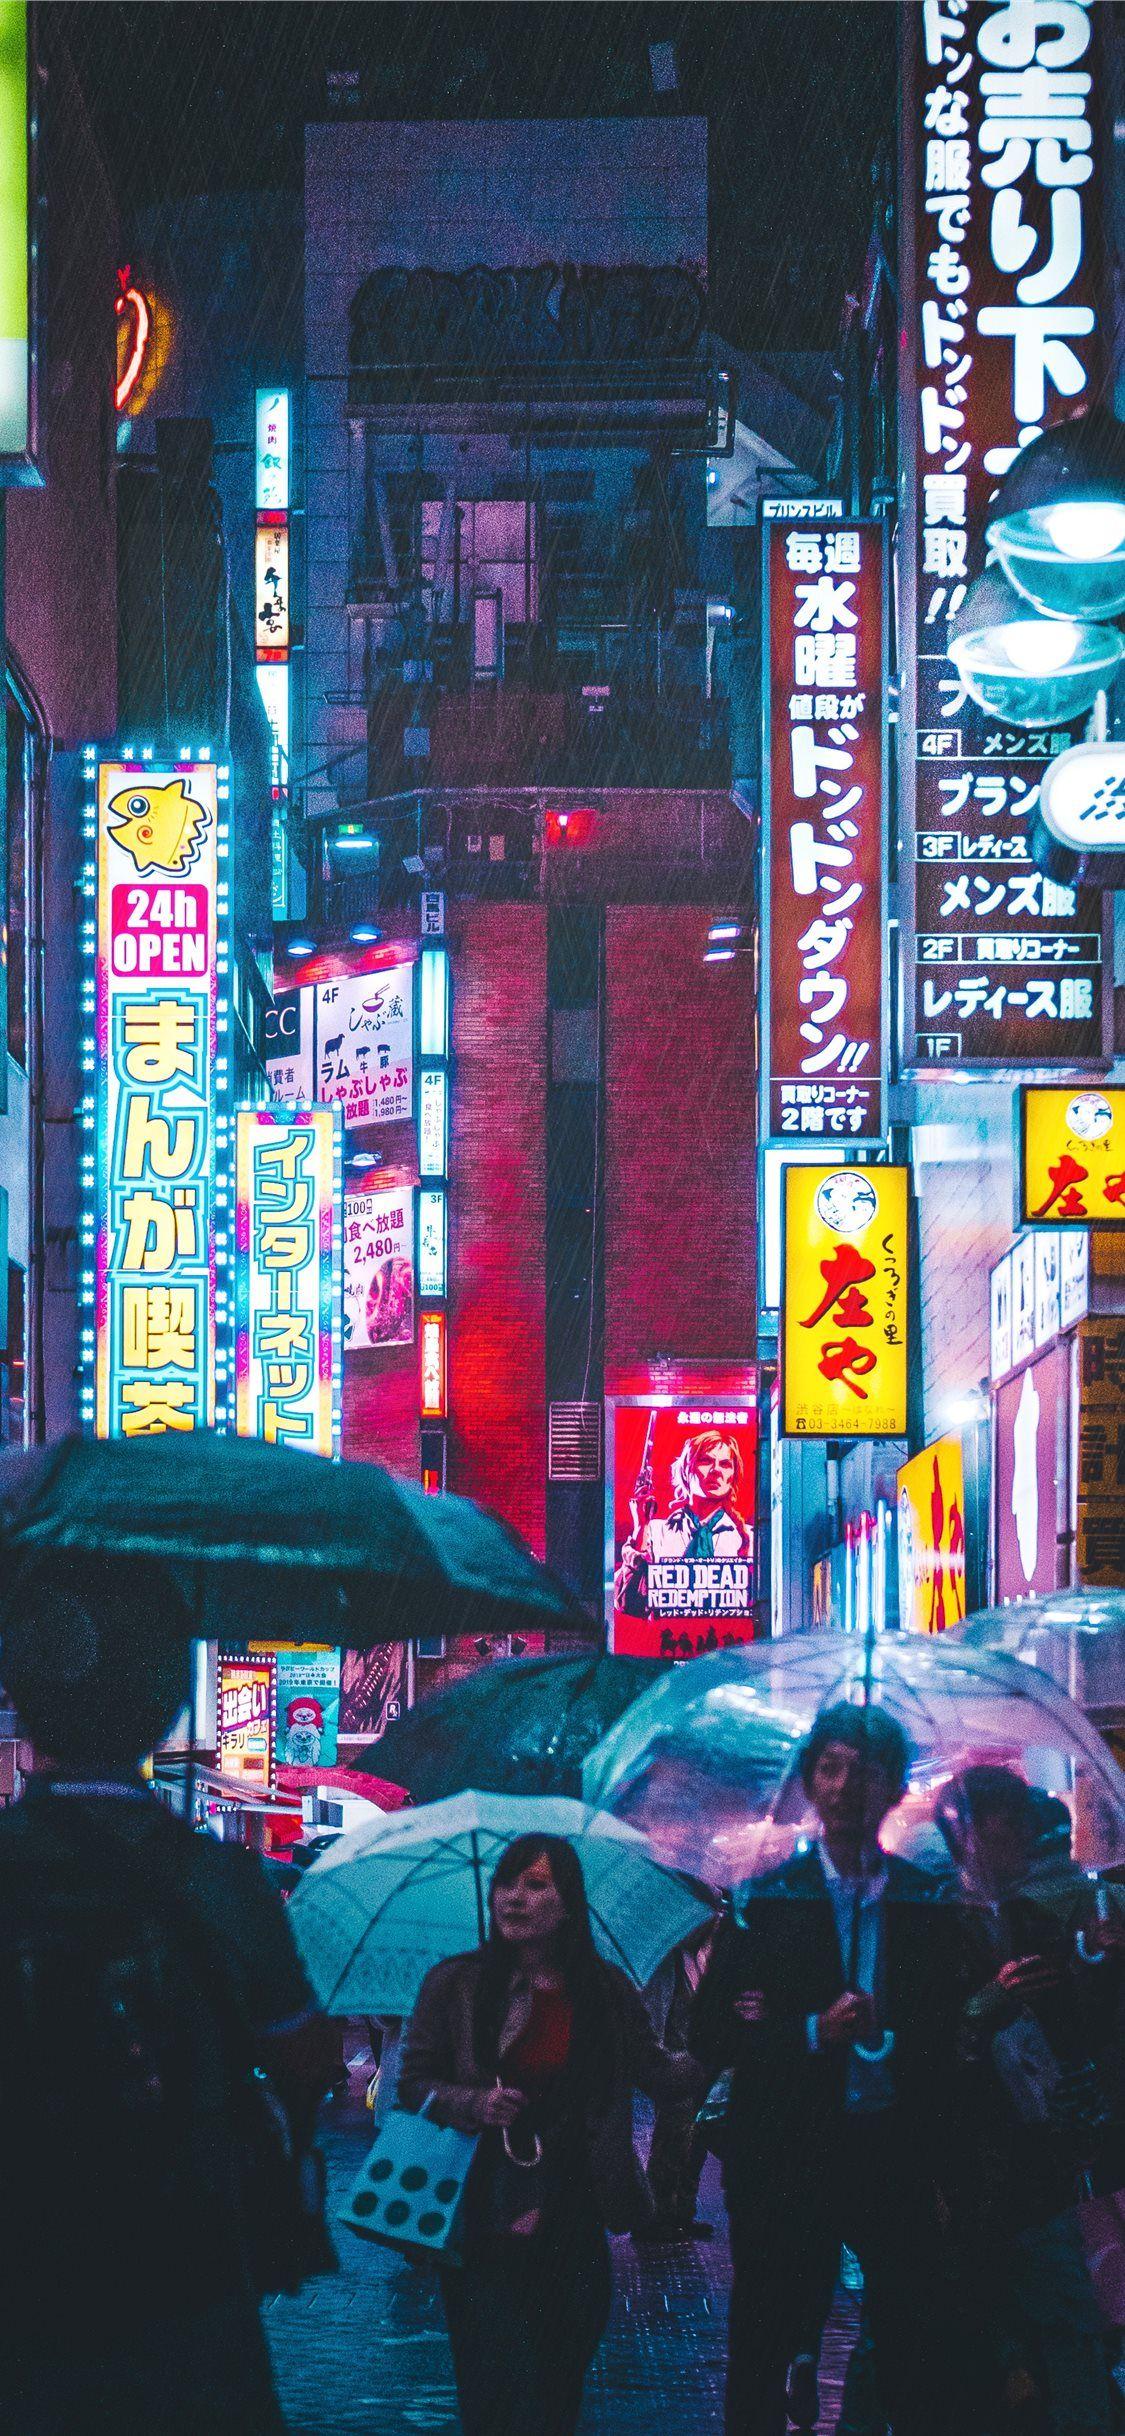 11 aesthetic anime wallpaper 1366×768 wallpaper for desktop laptop aq83 nature anime art sea in 2020. Jappanse Aesthetic Night Wallpapers on WallpaperDog